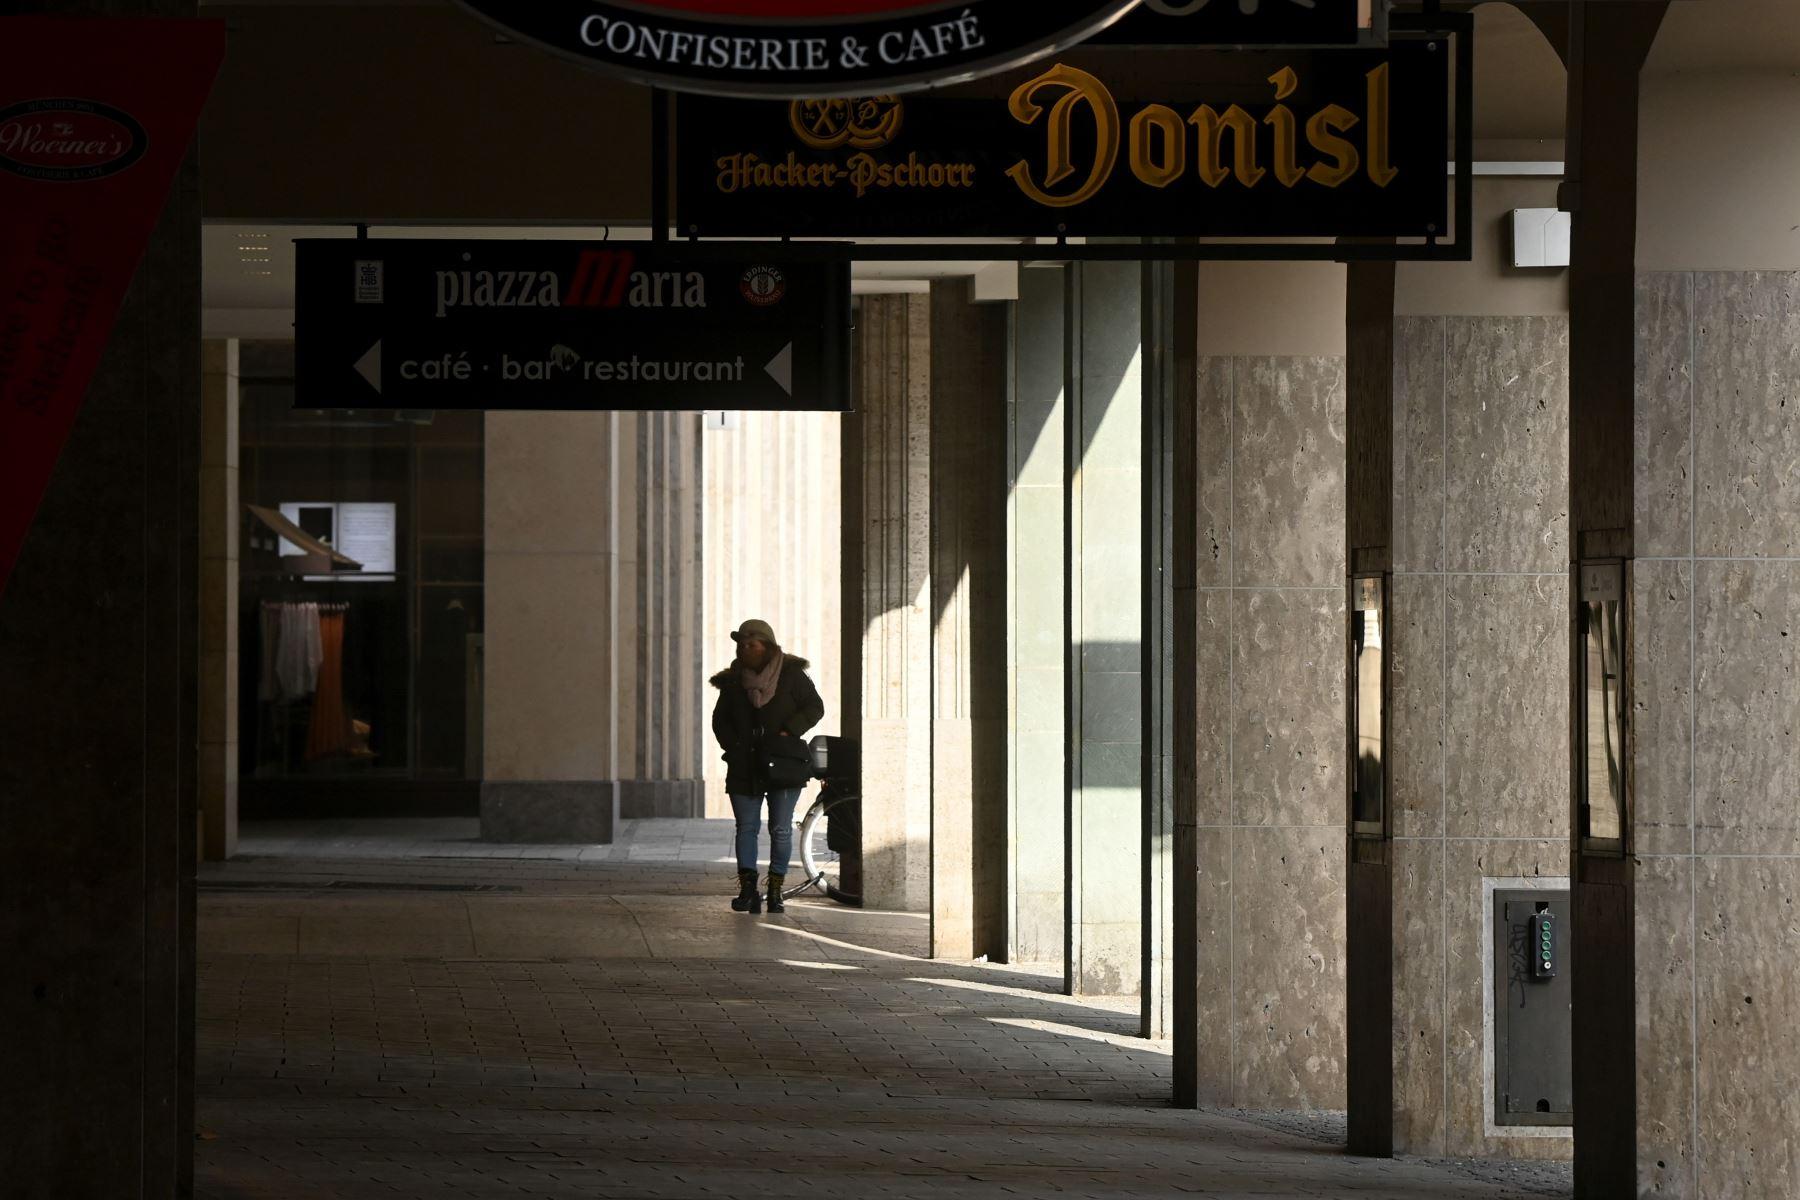 Un peatón camina por una galería donde las tiendas y rastaurants están cerrados, en la ciudad de Múnich, en el sur de Alemania, en medio de la pandemia del nuevo coronavirus Covid-19 en curso. Foto: AFP